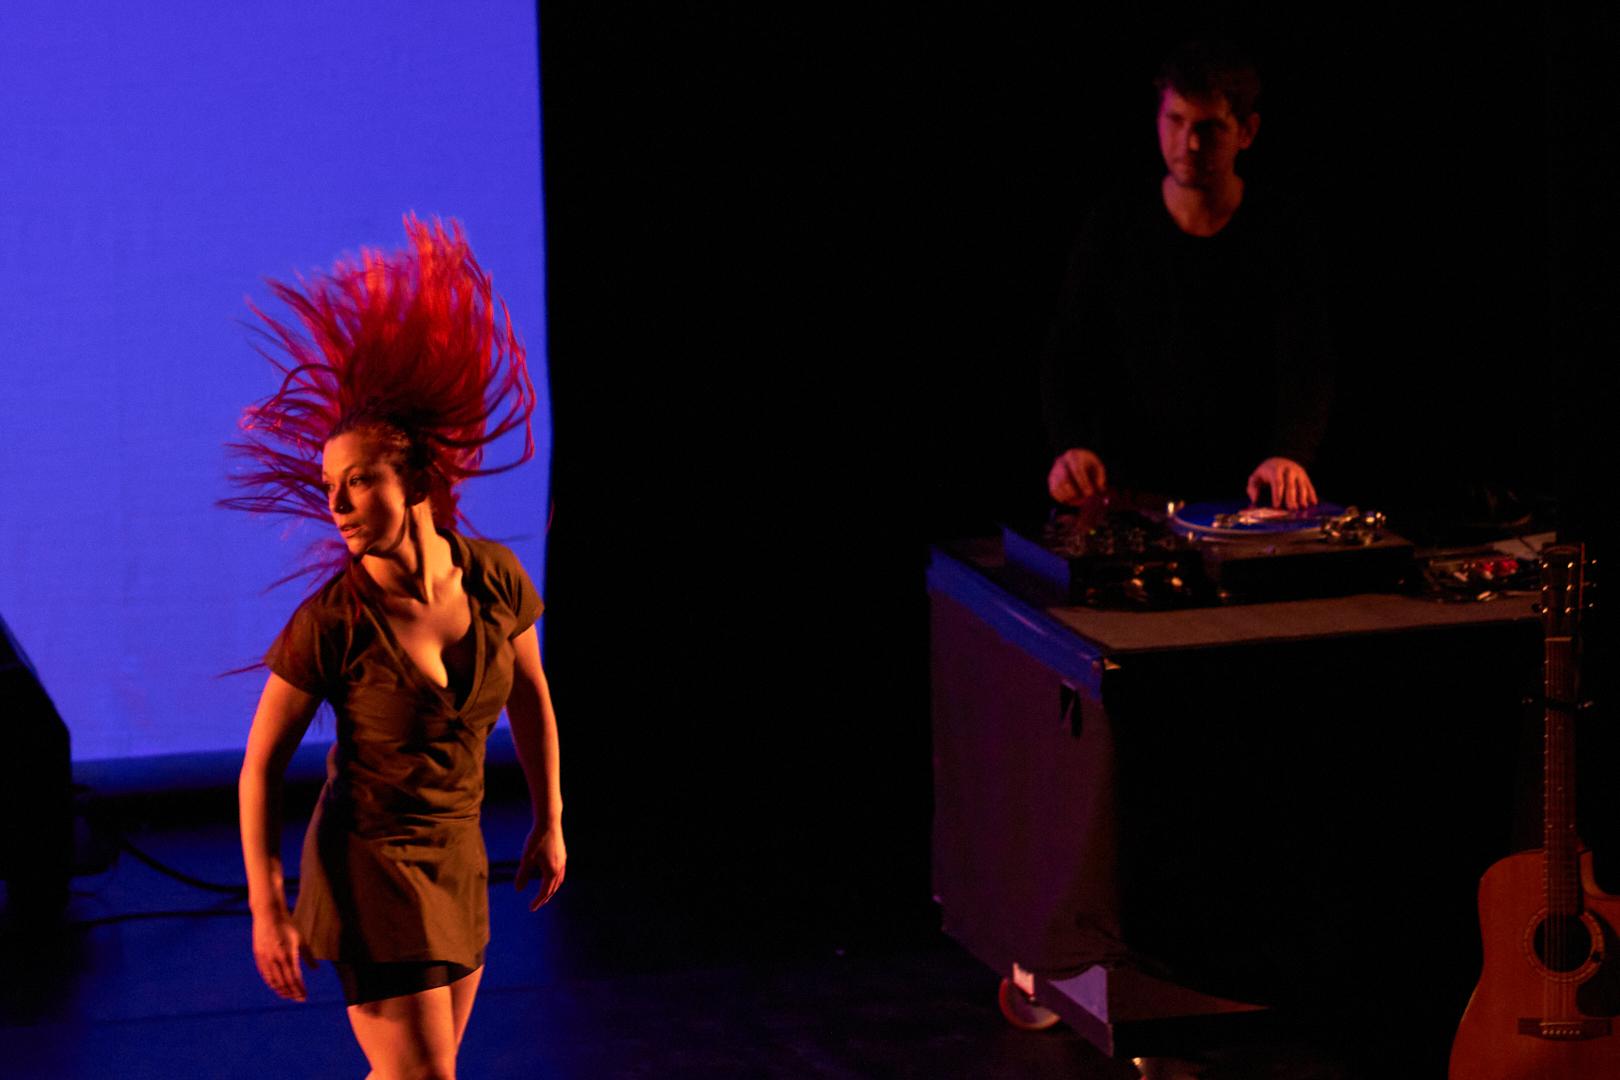 Pvk Photo | Photographe professionnel | Danseuse faisant voler ses cheveux rouge avec un DJ